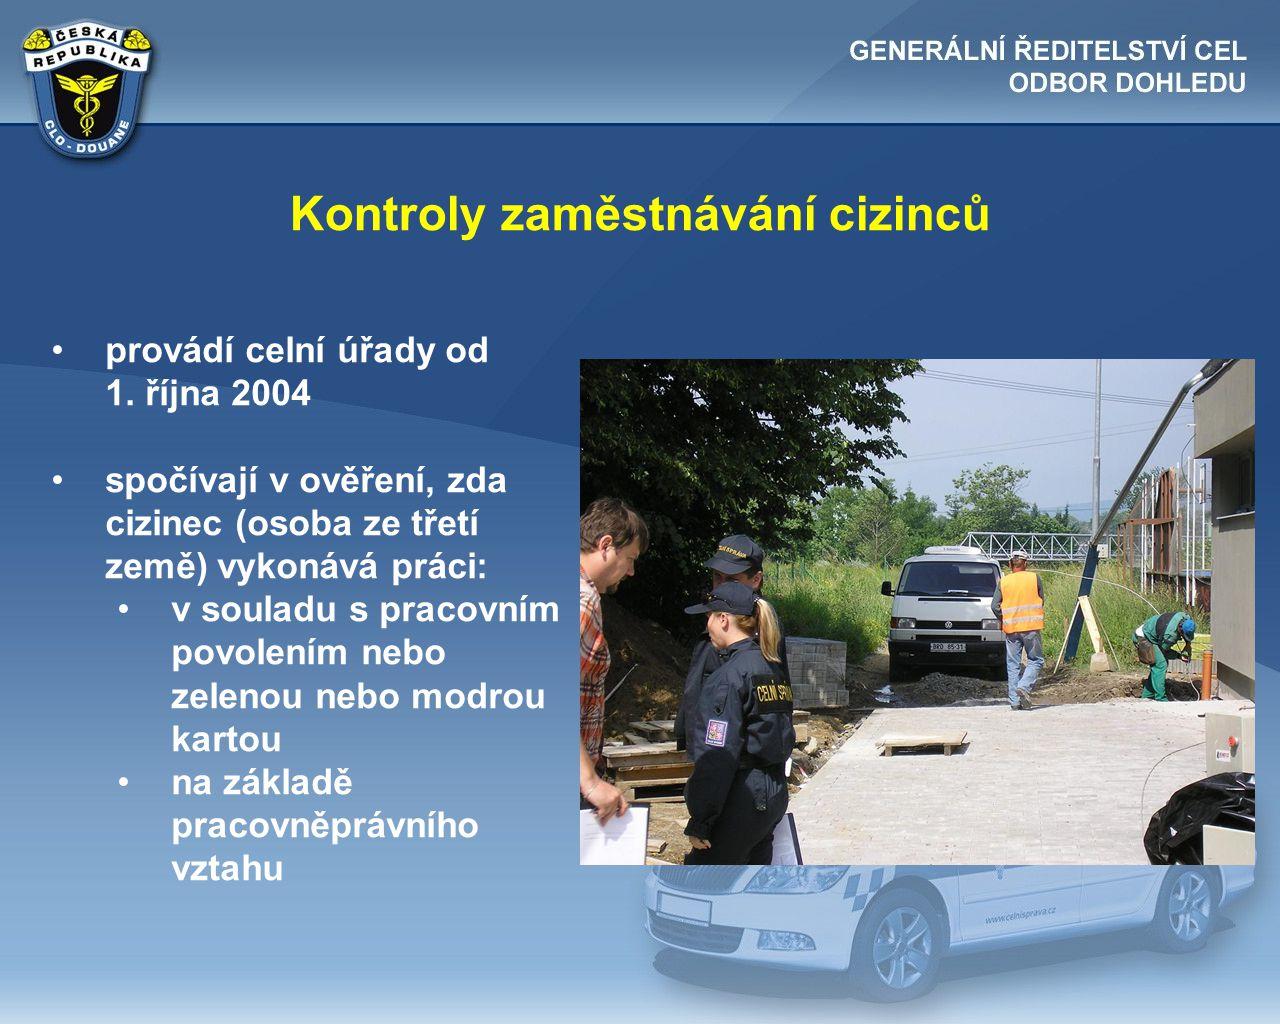 Kontroly zaměstnávání cizinců •provádí celní úřady od 1. října 2004 •spočívají v ověření, zda cizinec (osoba ze třetí země) vykonává práci: •v souladu